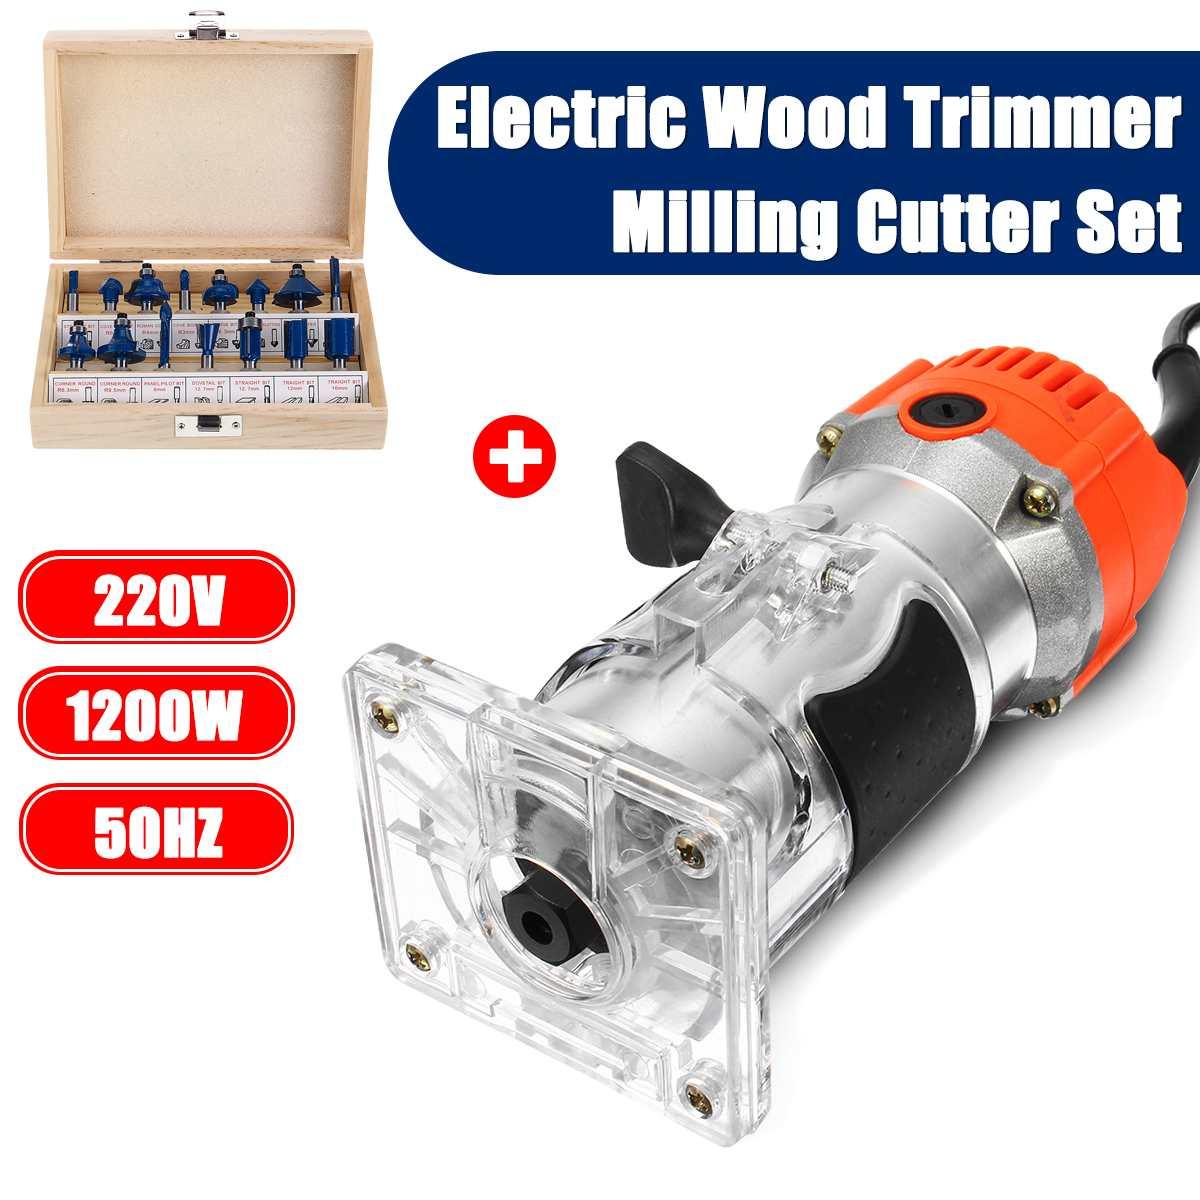 1200W 220V Elektrische Holz Trimmer Laminator 35000r/min Router Pvc-h-streifen Schreiner Werkzeug Set Aluminium + 15 stücke 6,35mm Collet Durchmesser Holz Router